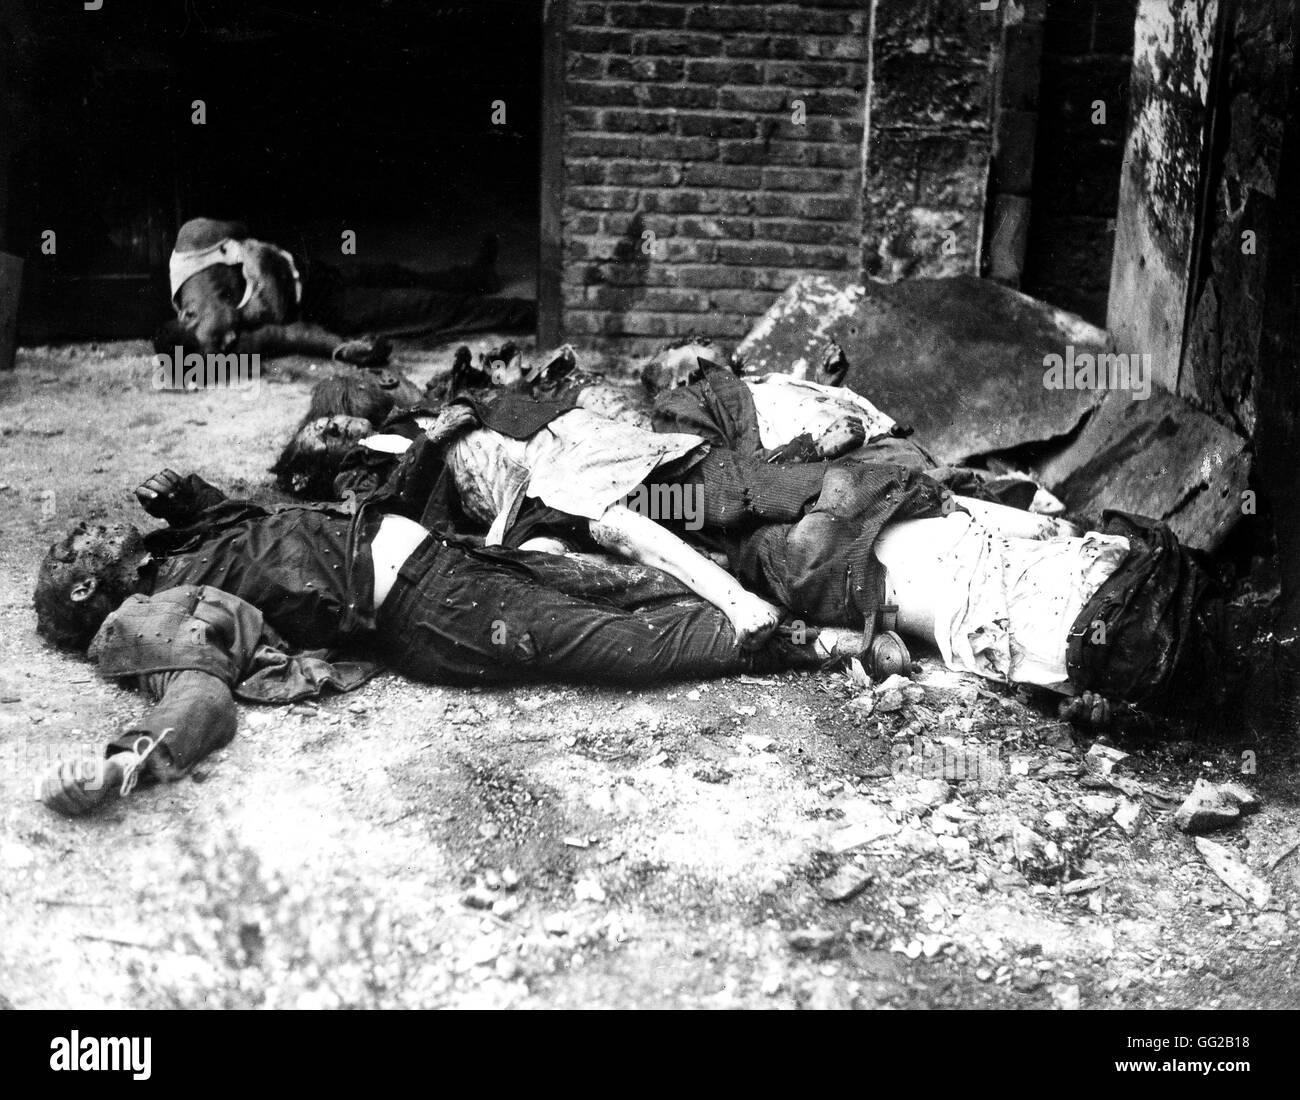 War Atrocities Stock Photos & War Atrocities Stock Images - Alamy